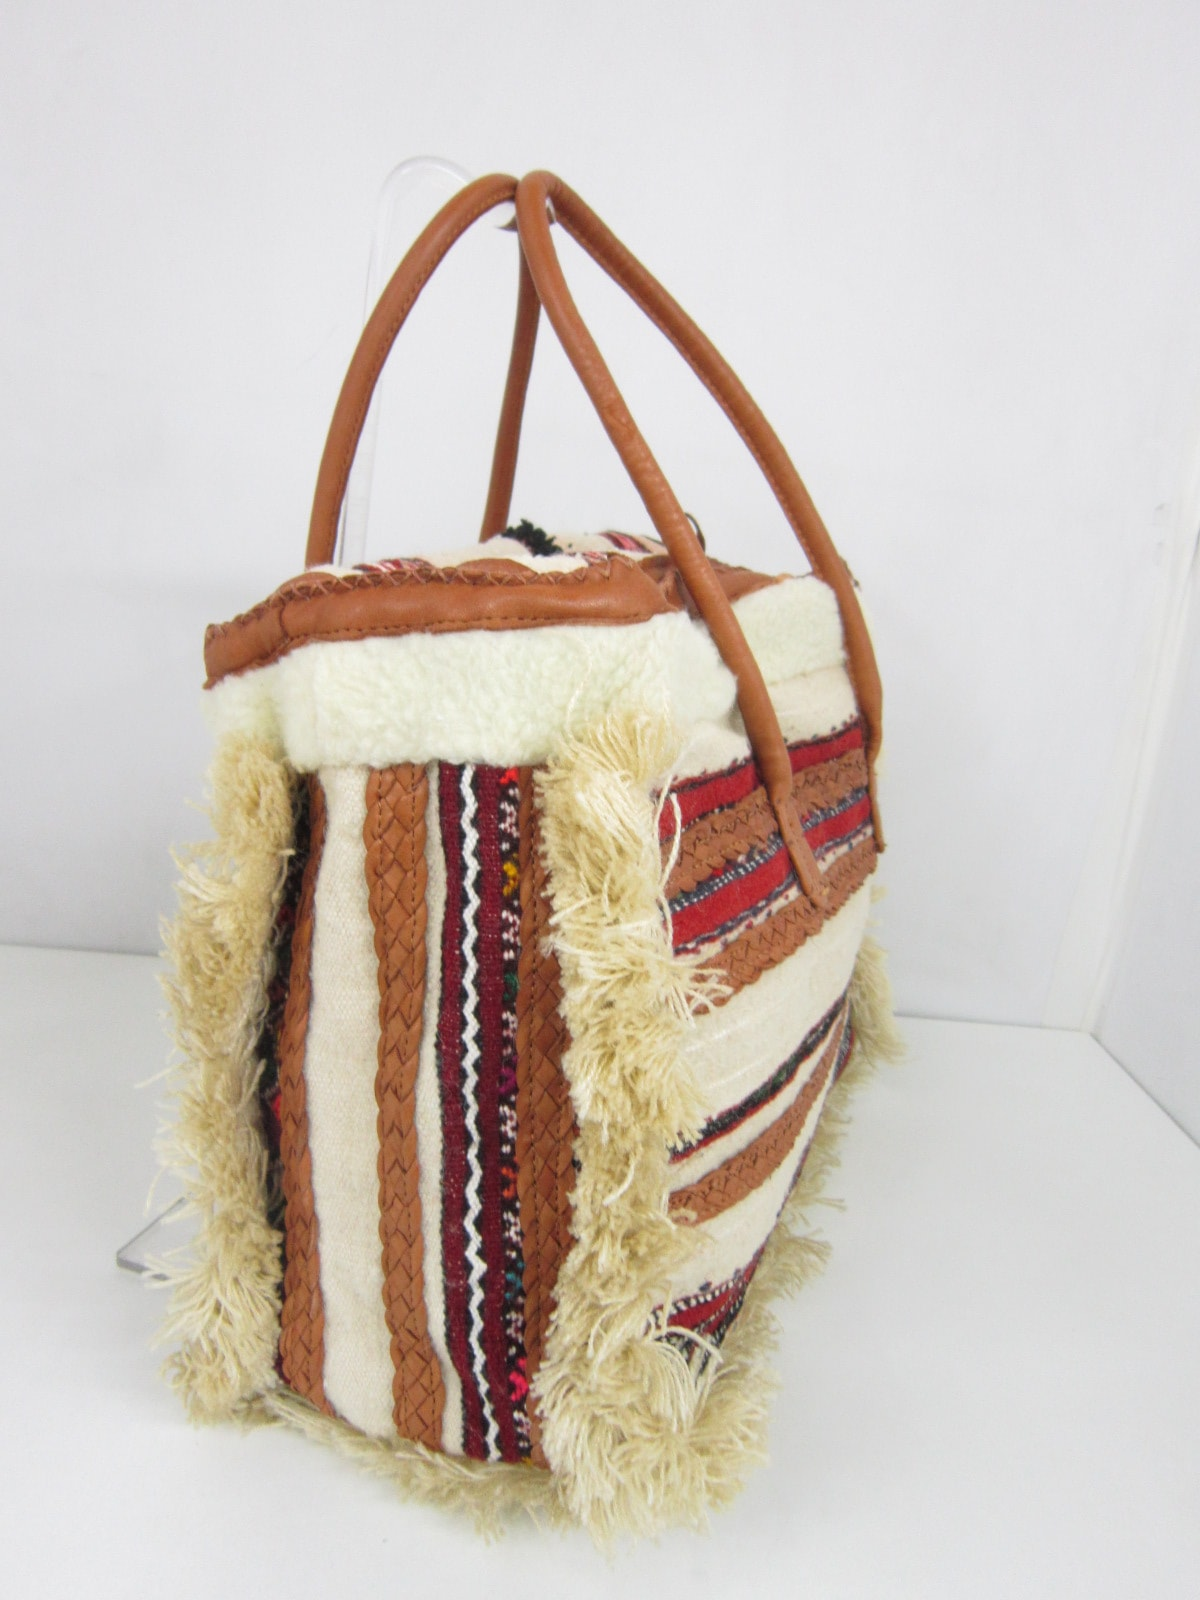 ENSHALLA(エンシャーラ)のハンドバッグ